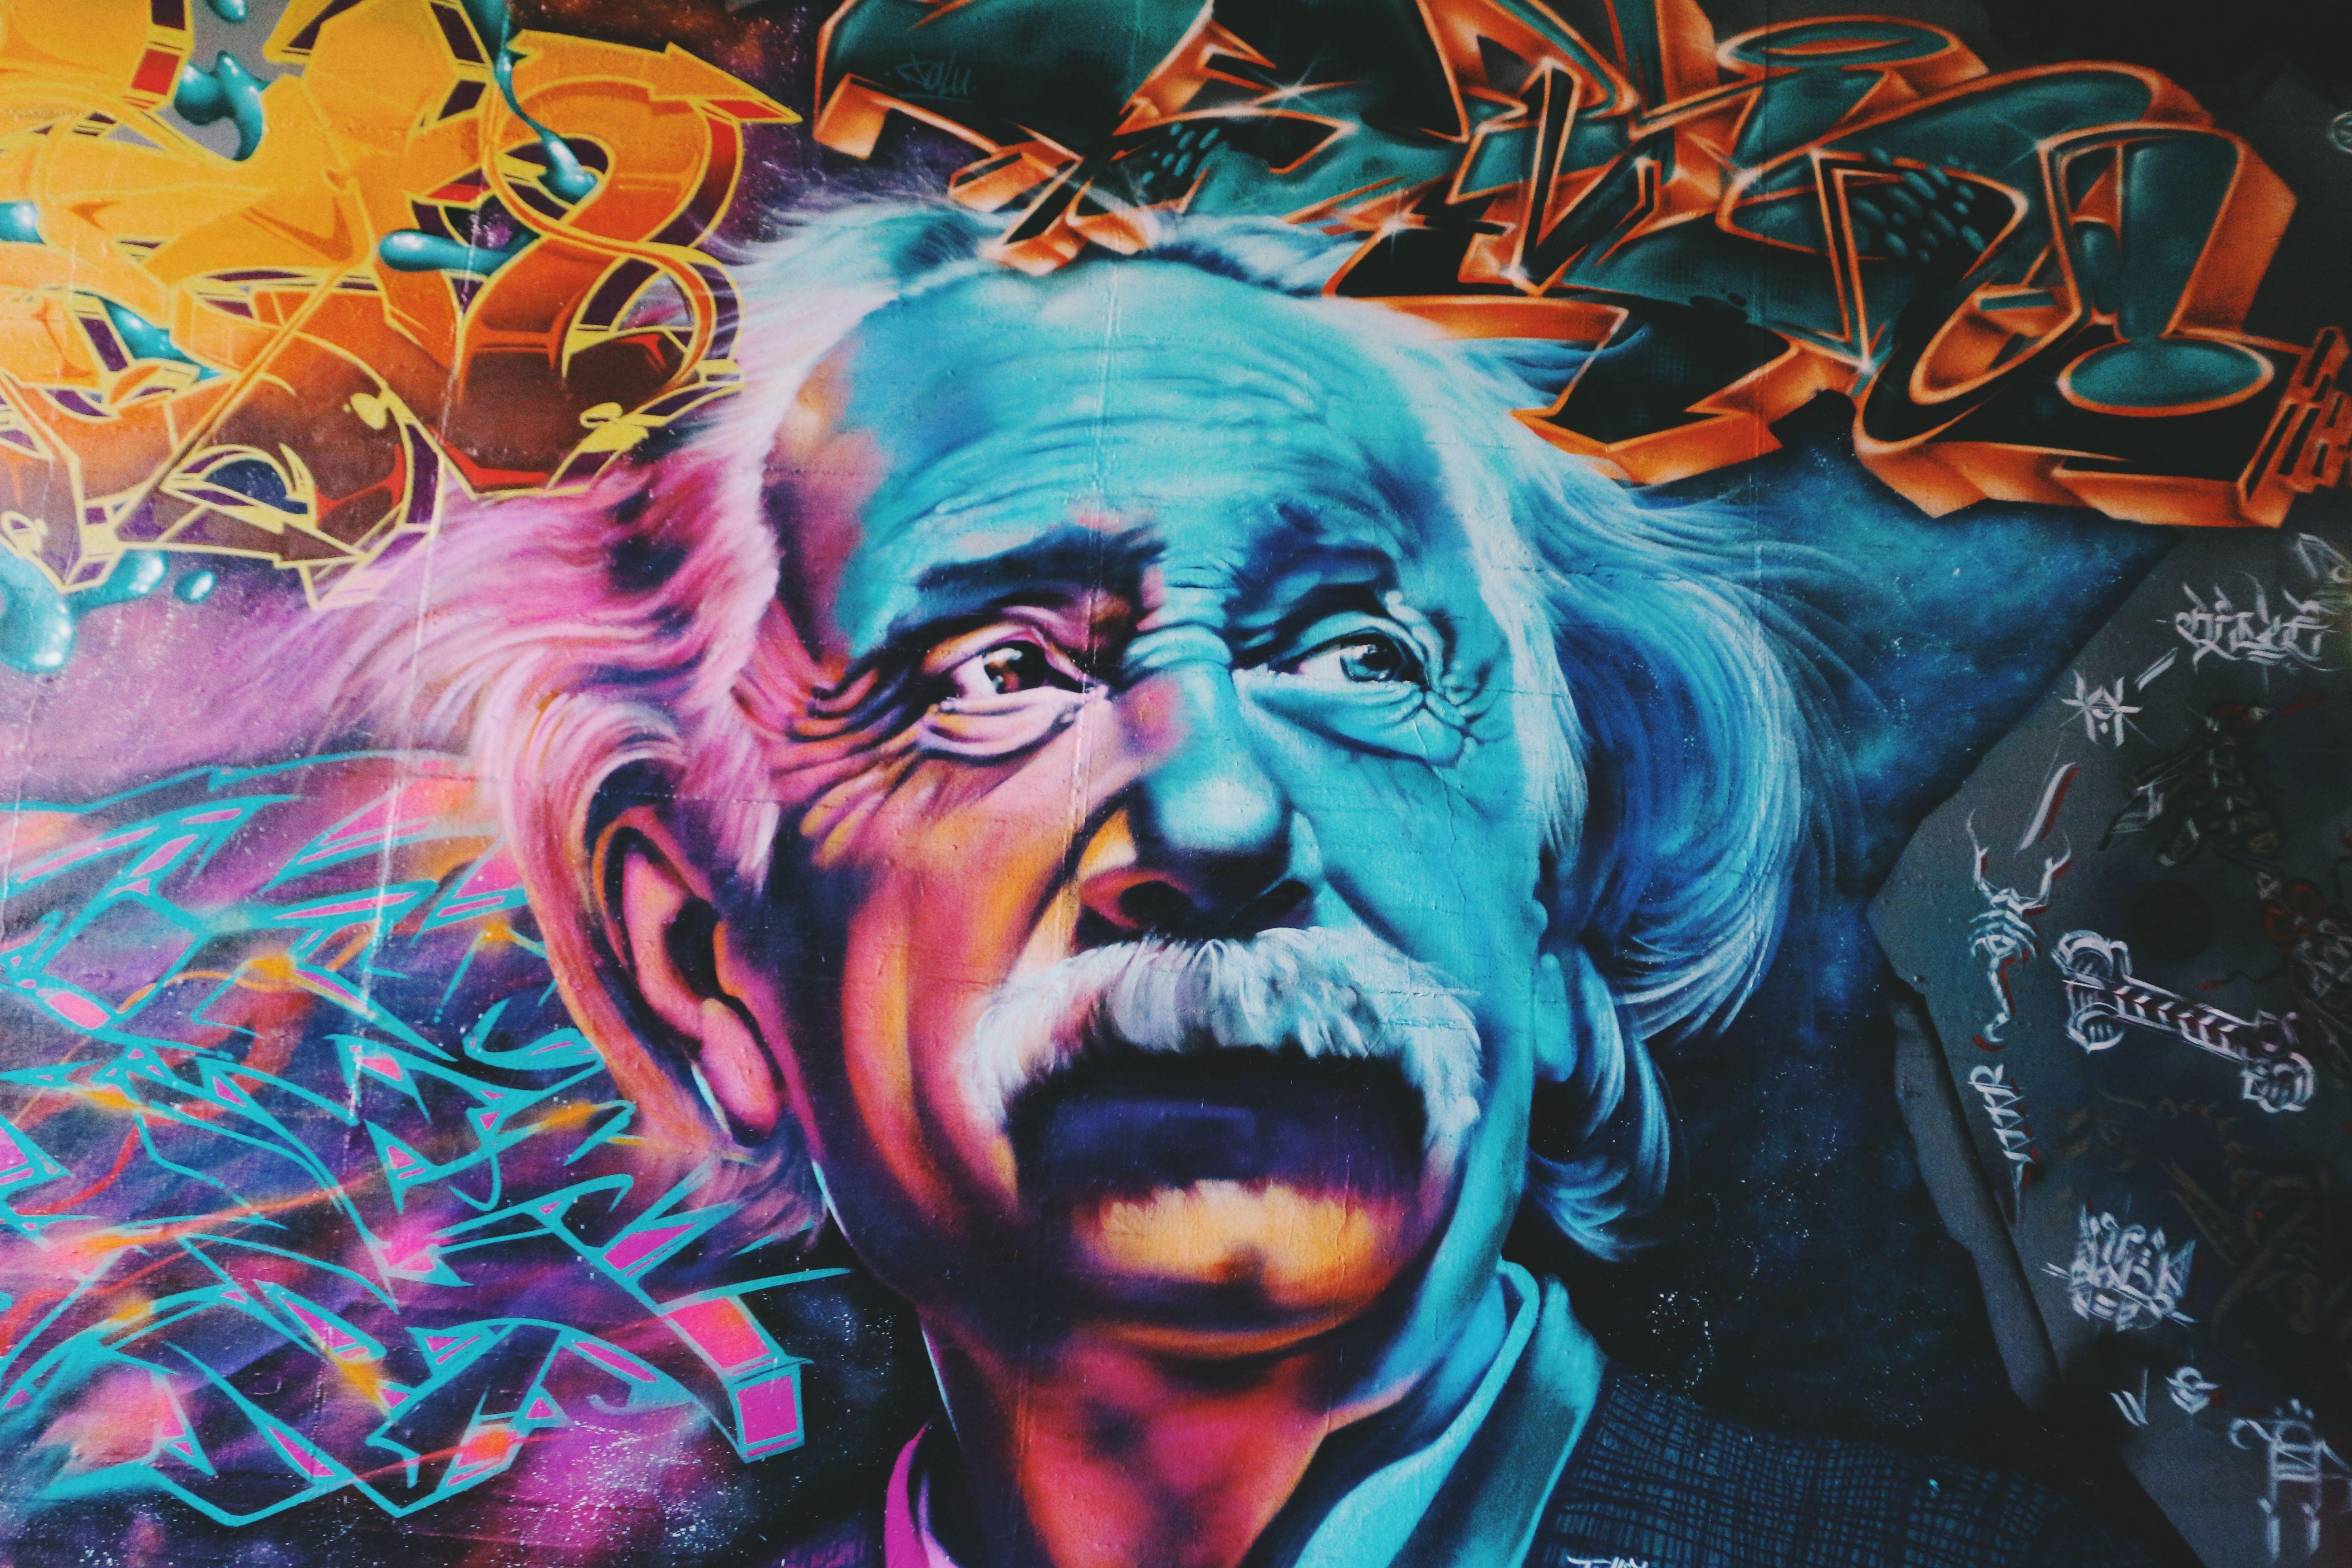 Einstein Graffiti Wallpapers   Top Einstein Graffiti 5184x3456